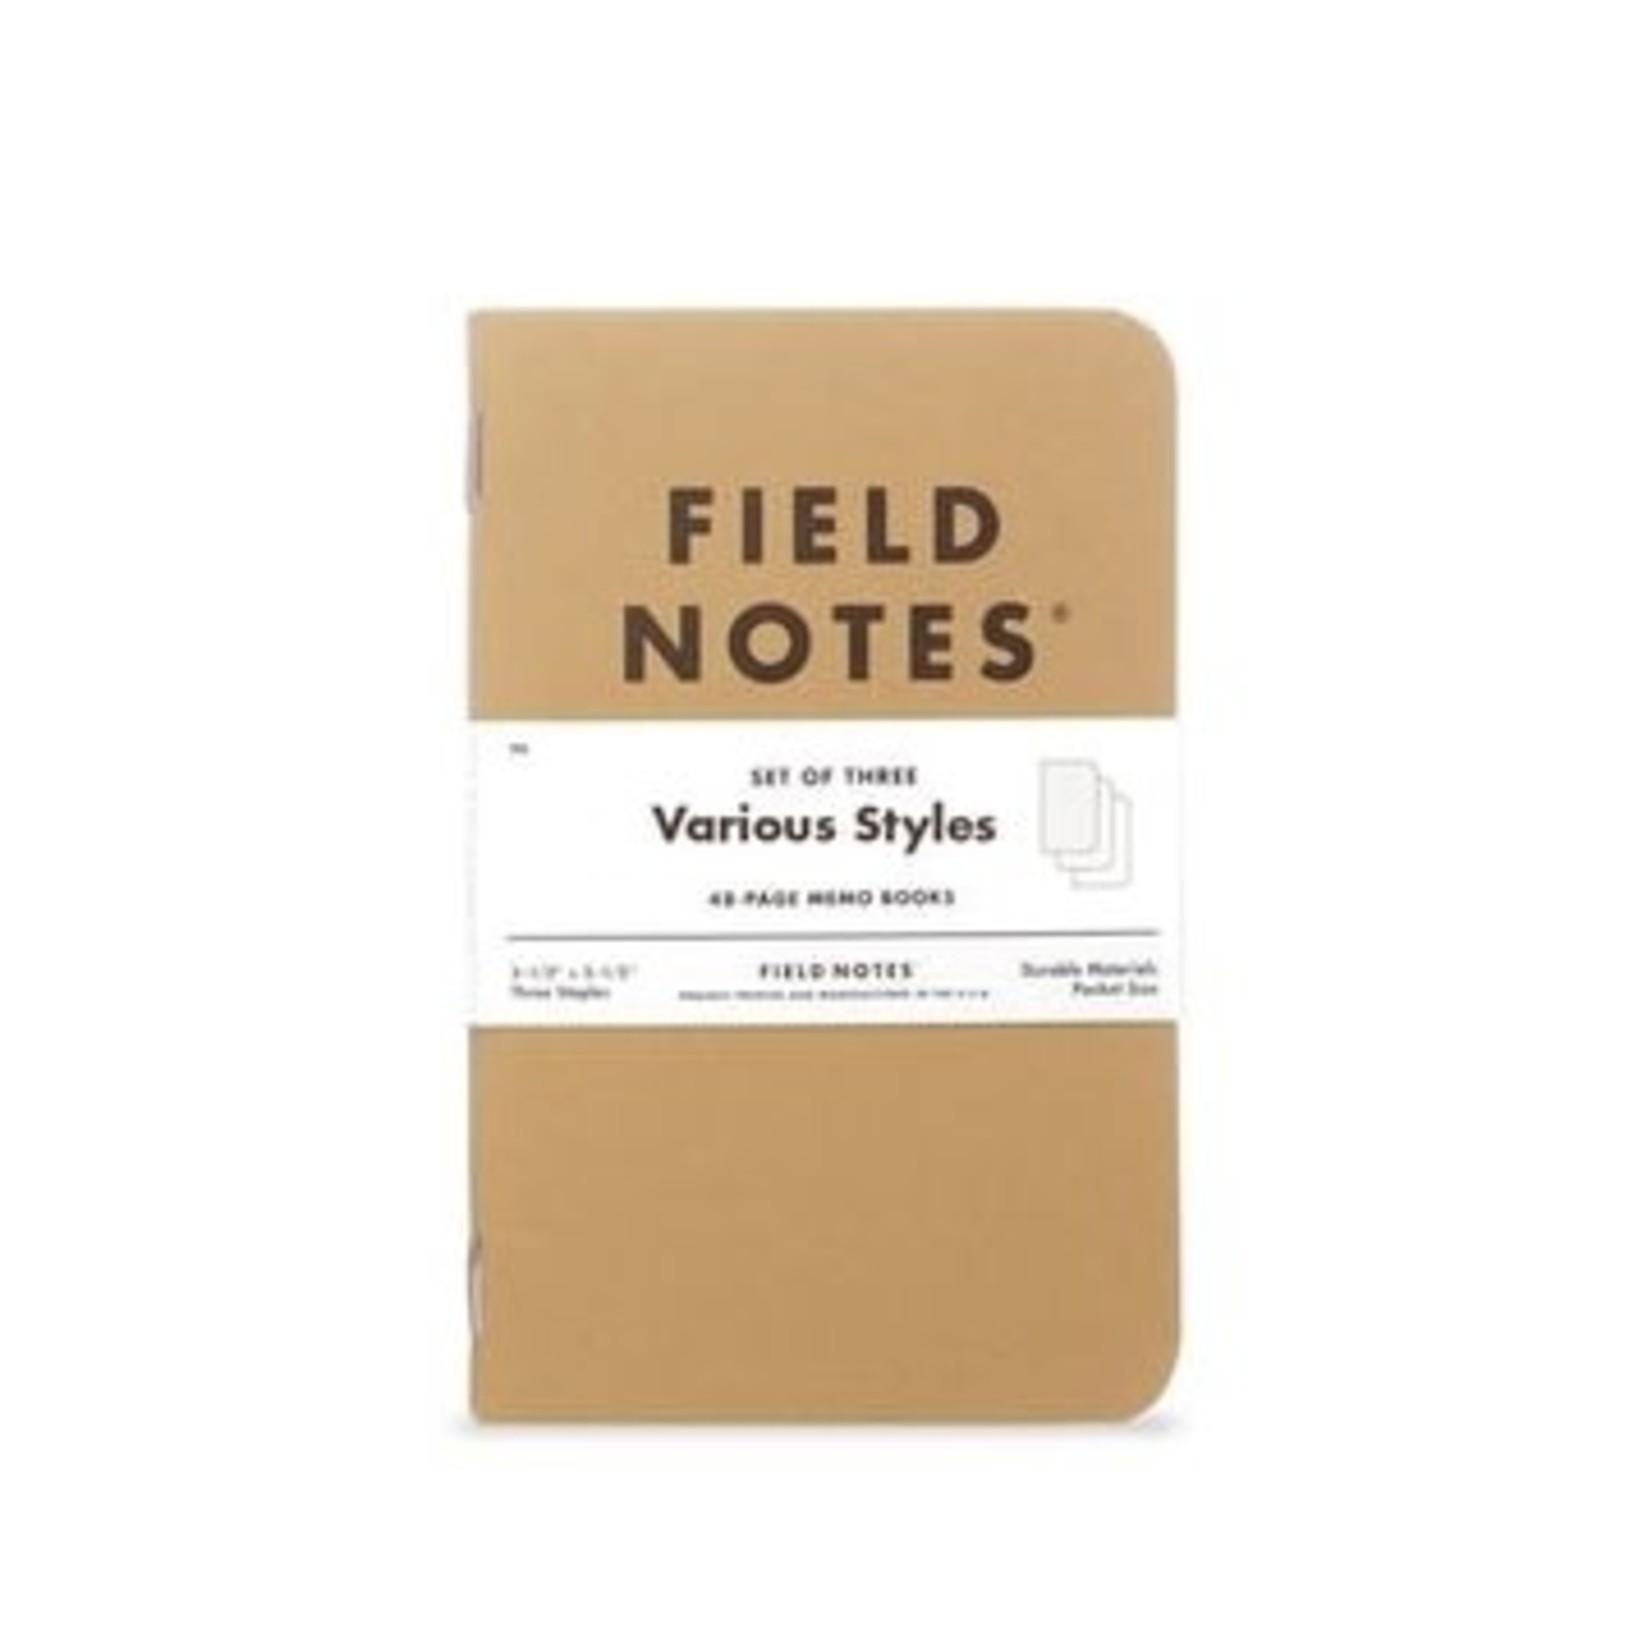 Field Notes Field Notes Original Kraft 3-Packs Ruled